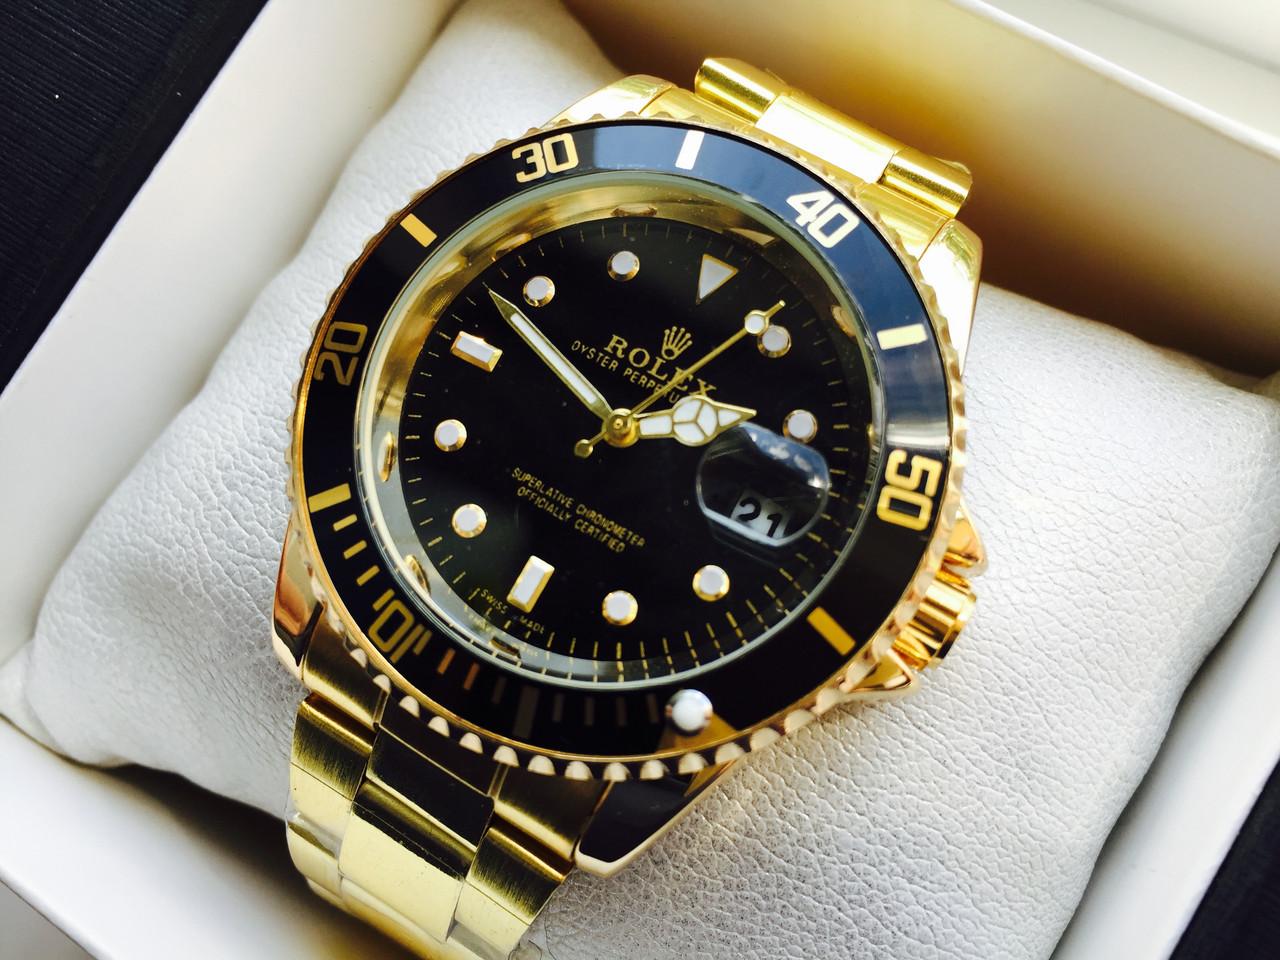 Мужские часы в корпусе из розового золота.